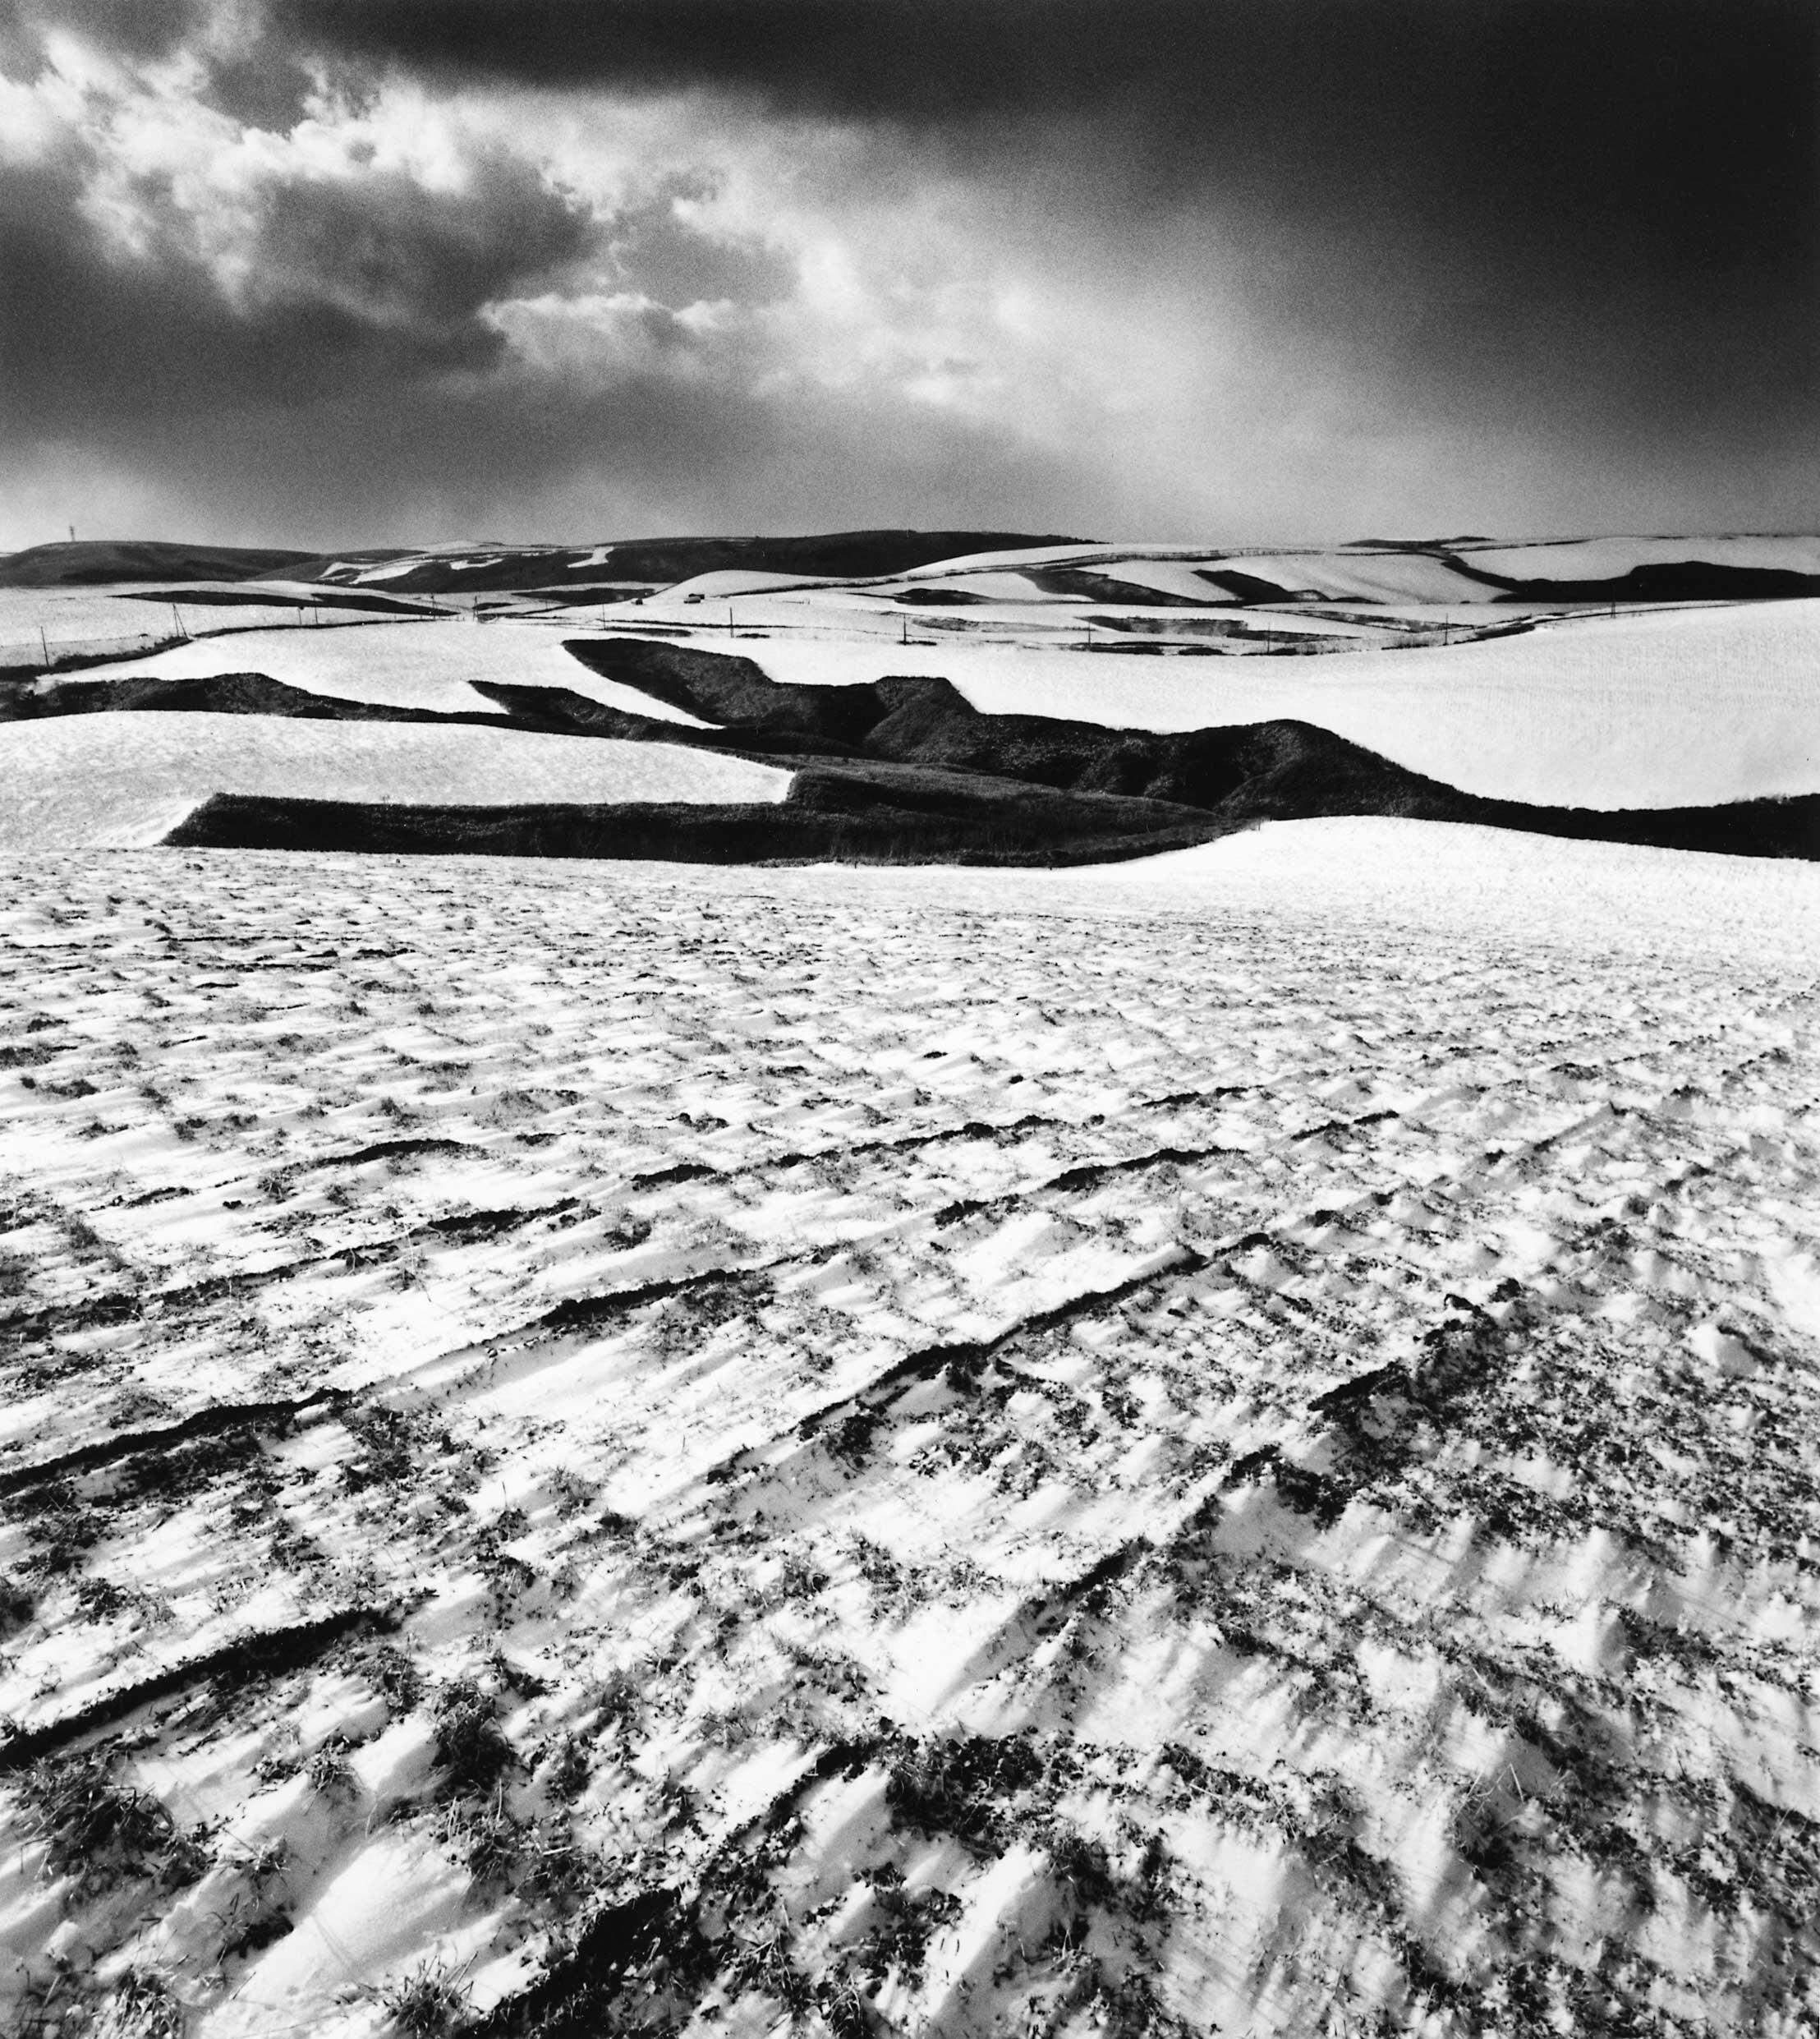 Early Snow, Soya Kyuro, Hokkaido, 2004